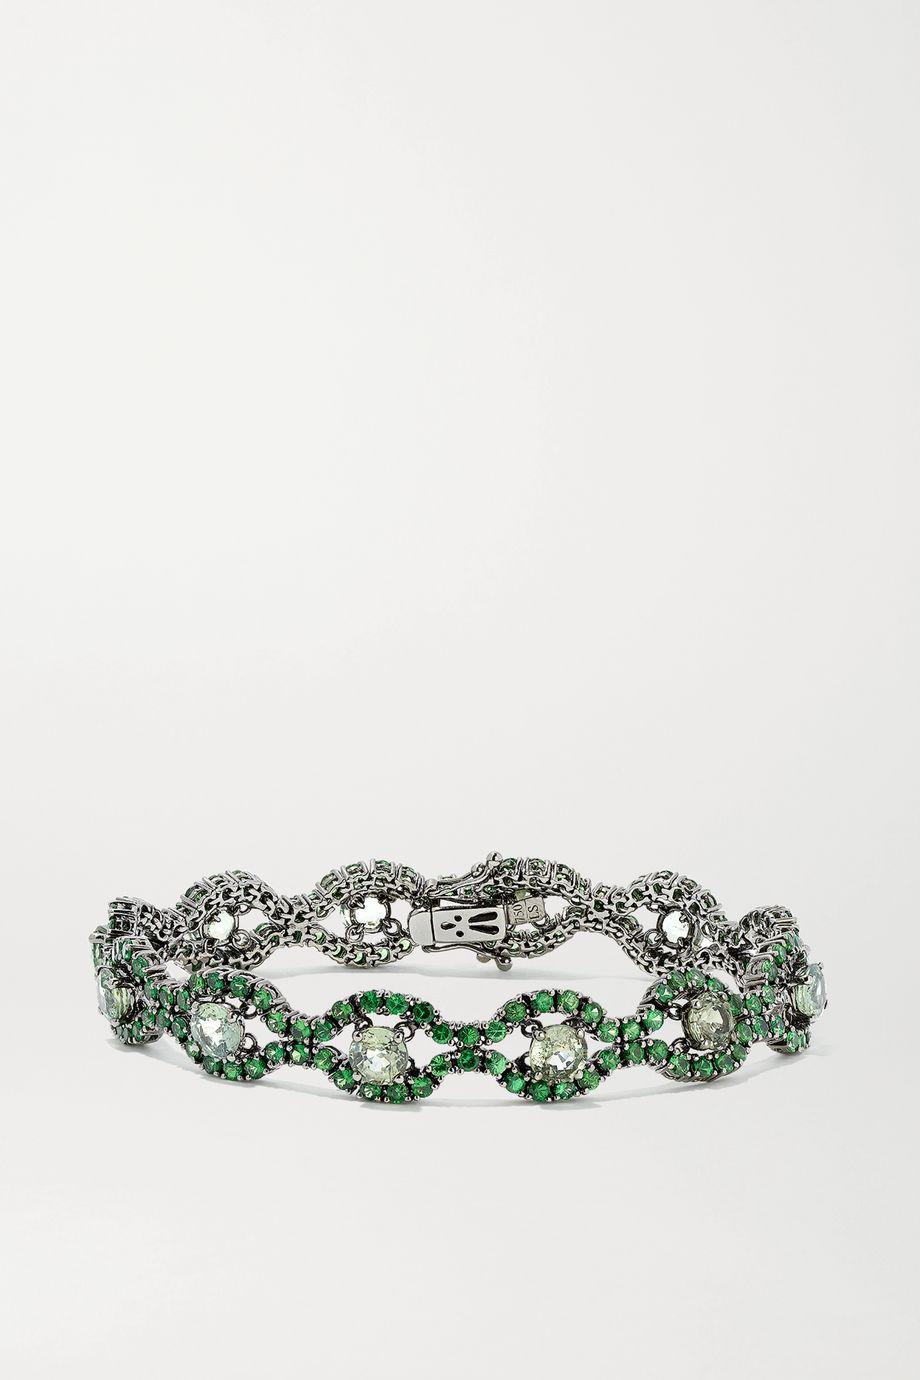 Lorraine Schwartz 18-karat blackened white gold garnet bracelet